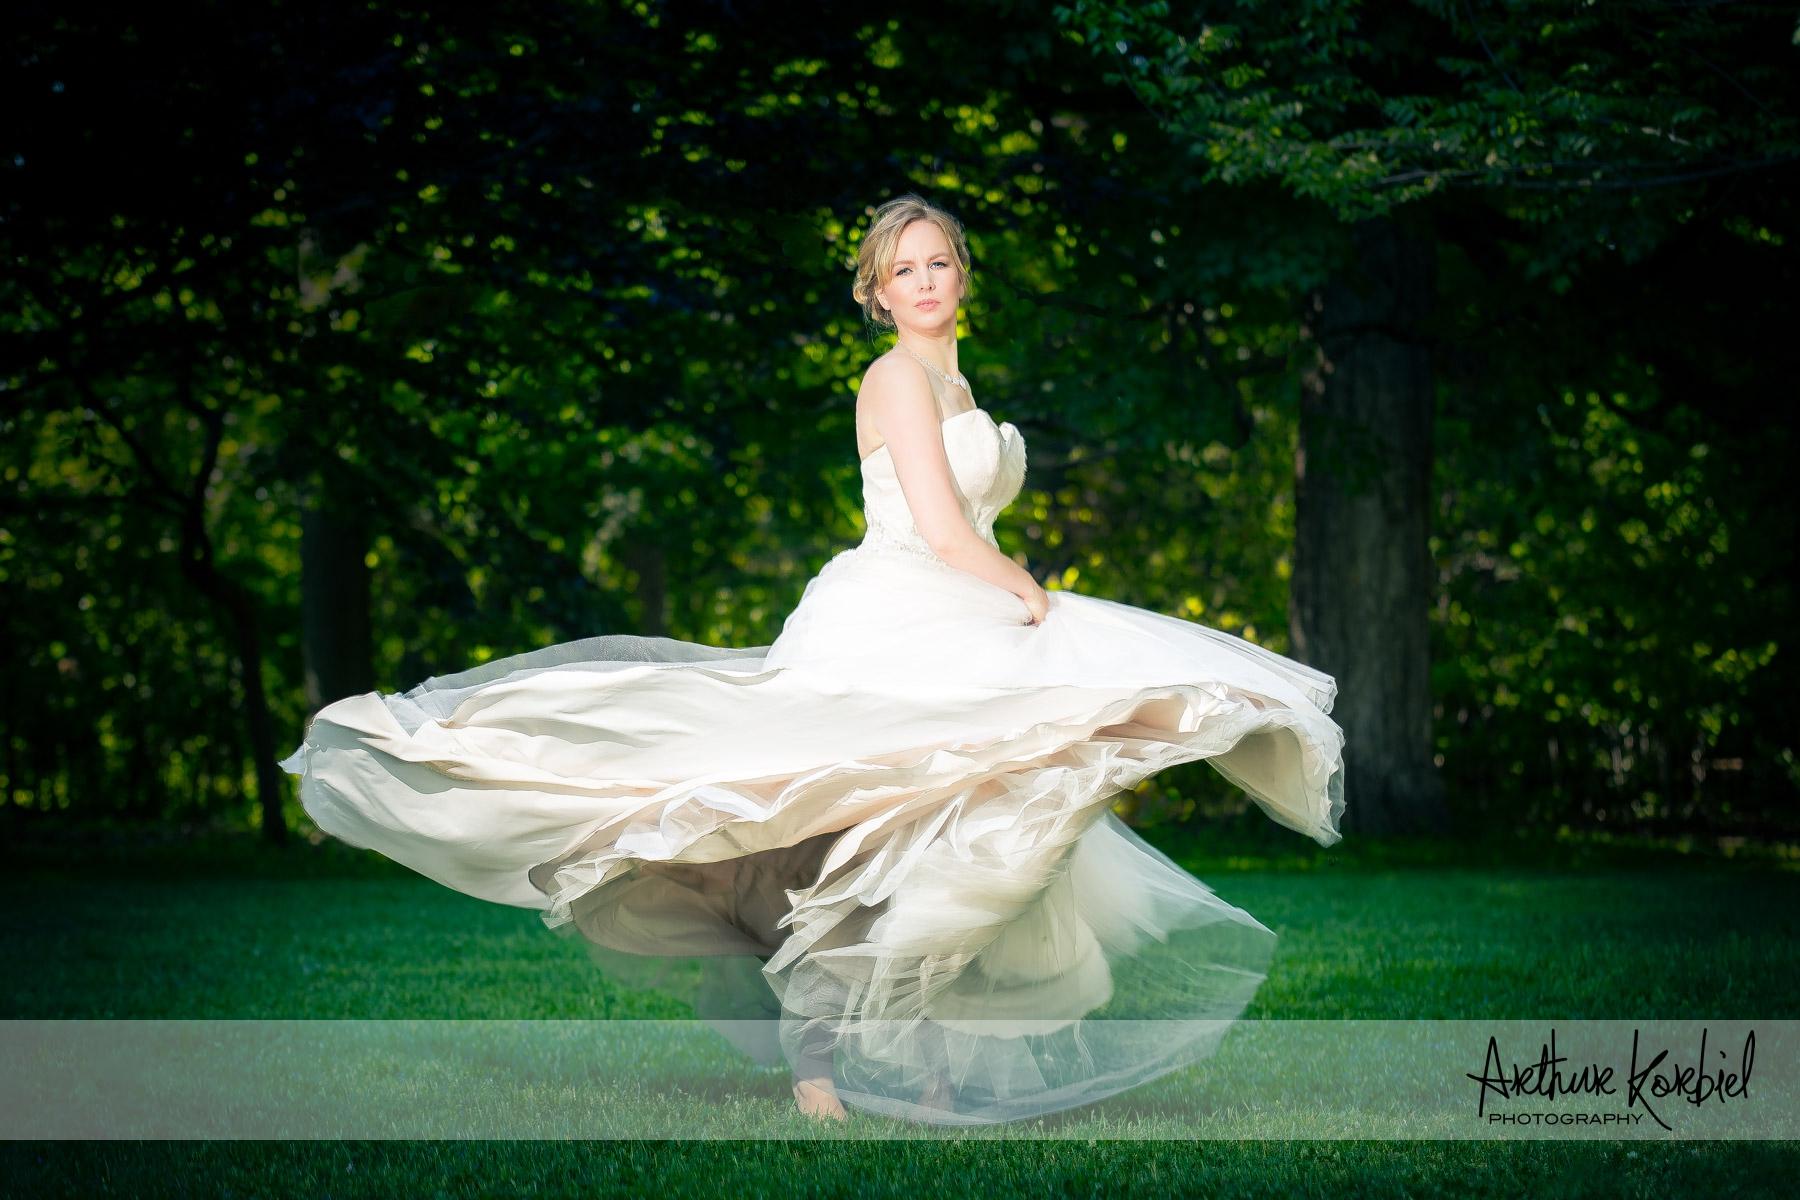 Arthur Korbiel Photography - London Wedding Photographer-007.jpg